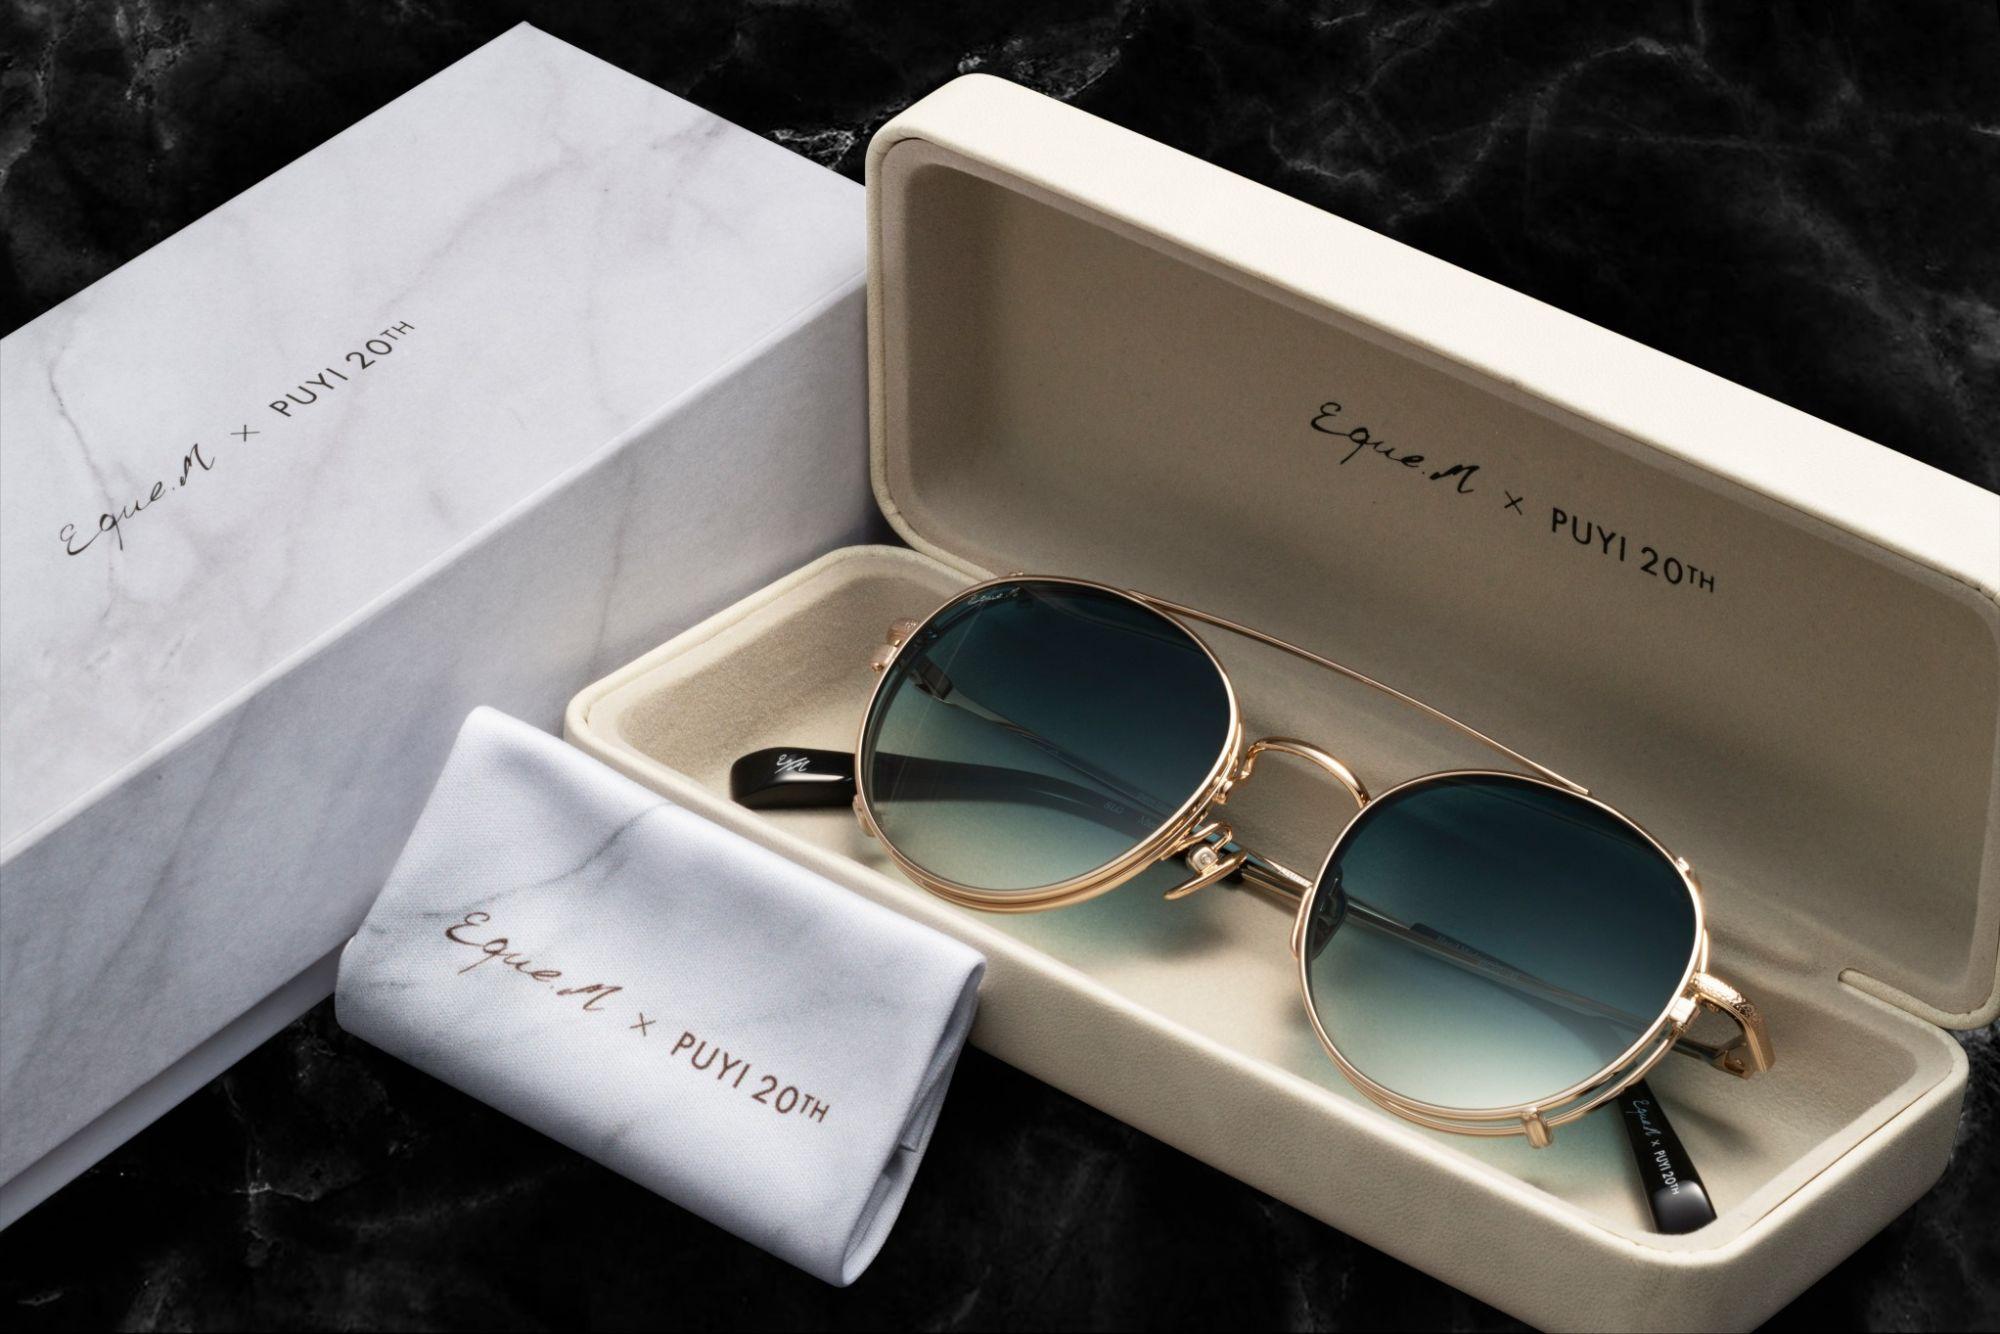 溥儀眼鏡父親節限定推出與國際眼鏡設計師品牌LINDBERG聯名款,將經典款式  MERRY PEANUTS 重新詮釋,打造成 MERRY PEANUTS VII 扣夾式太陽眼鏡。